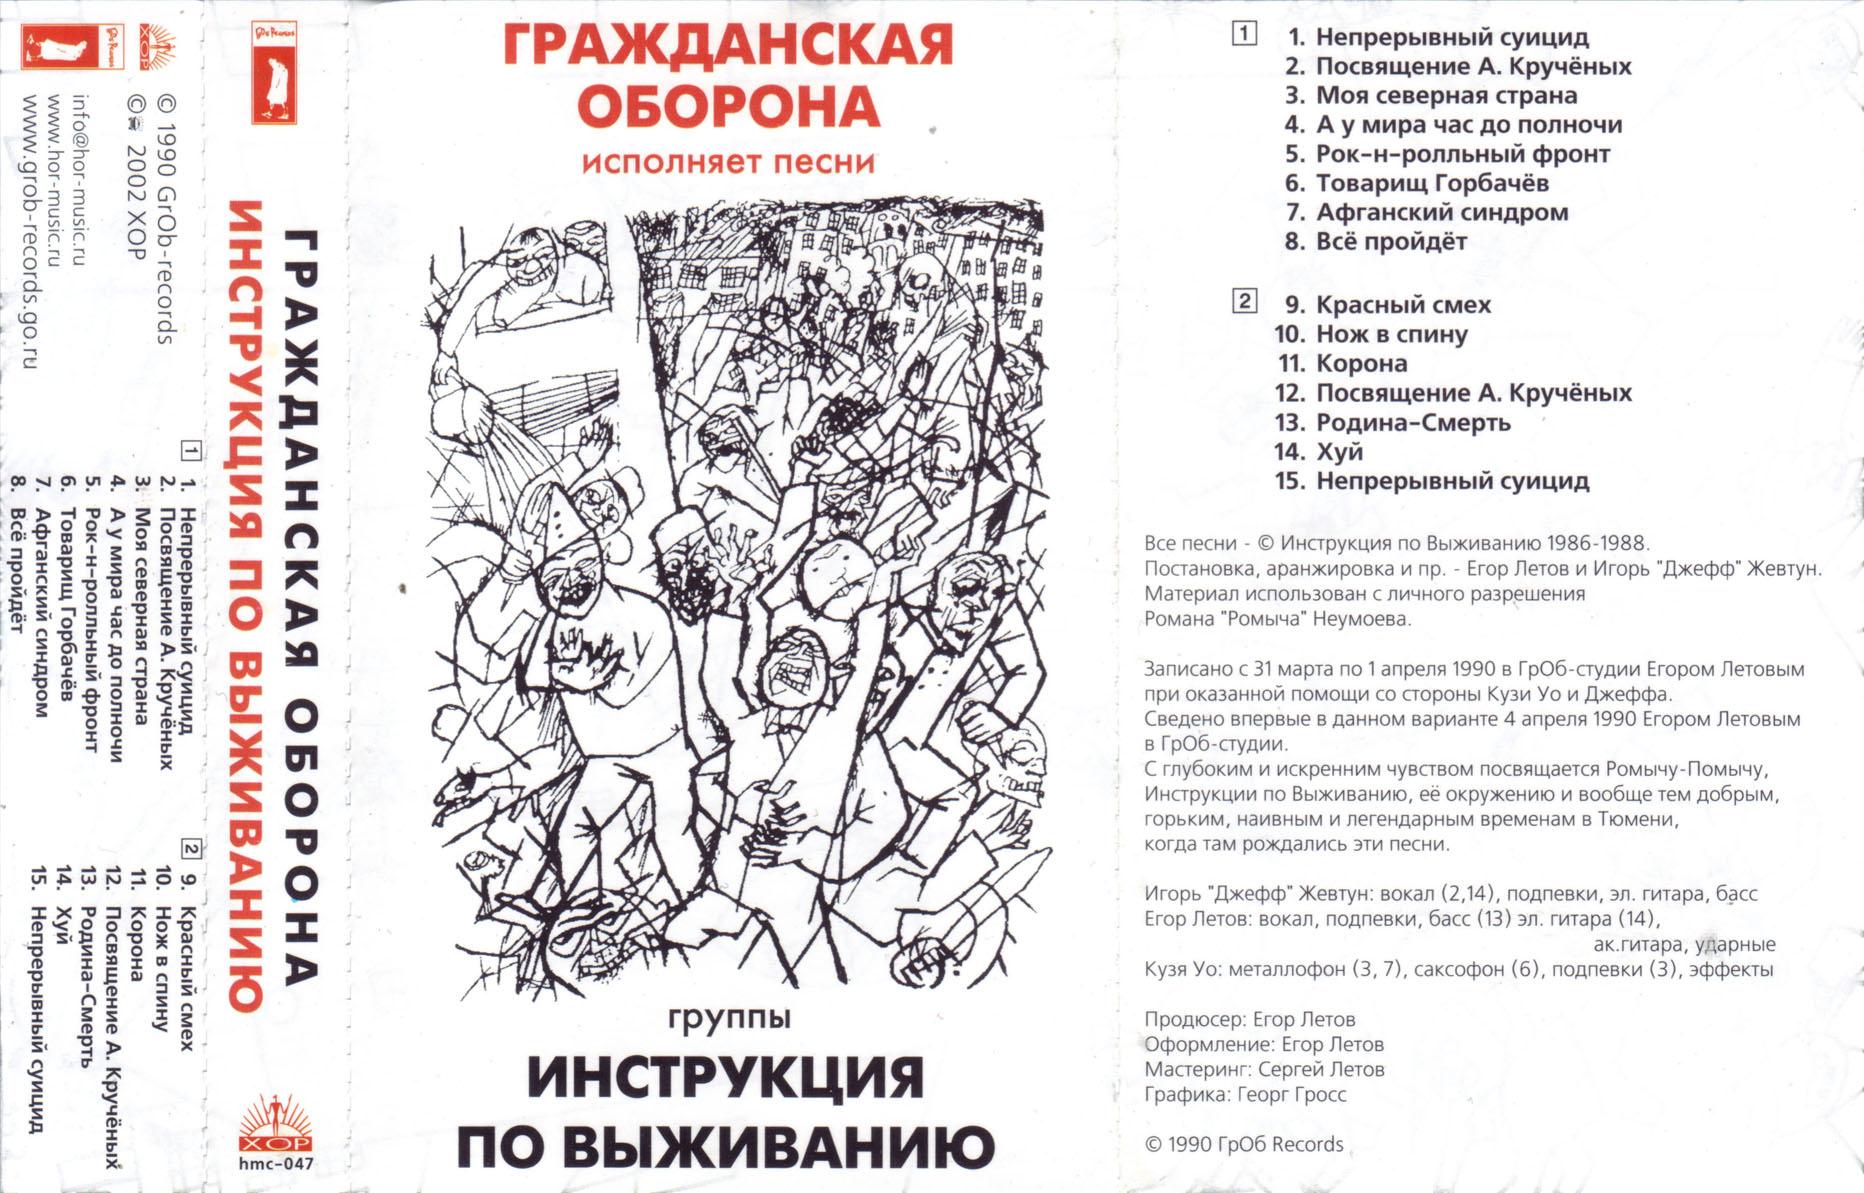 Инструкции по гражданская оборона